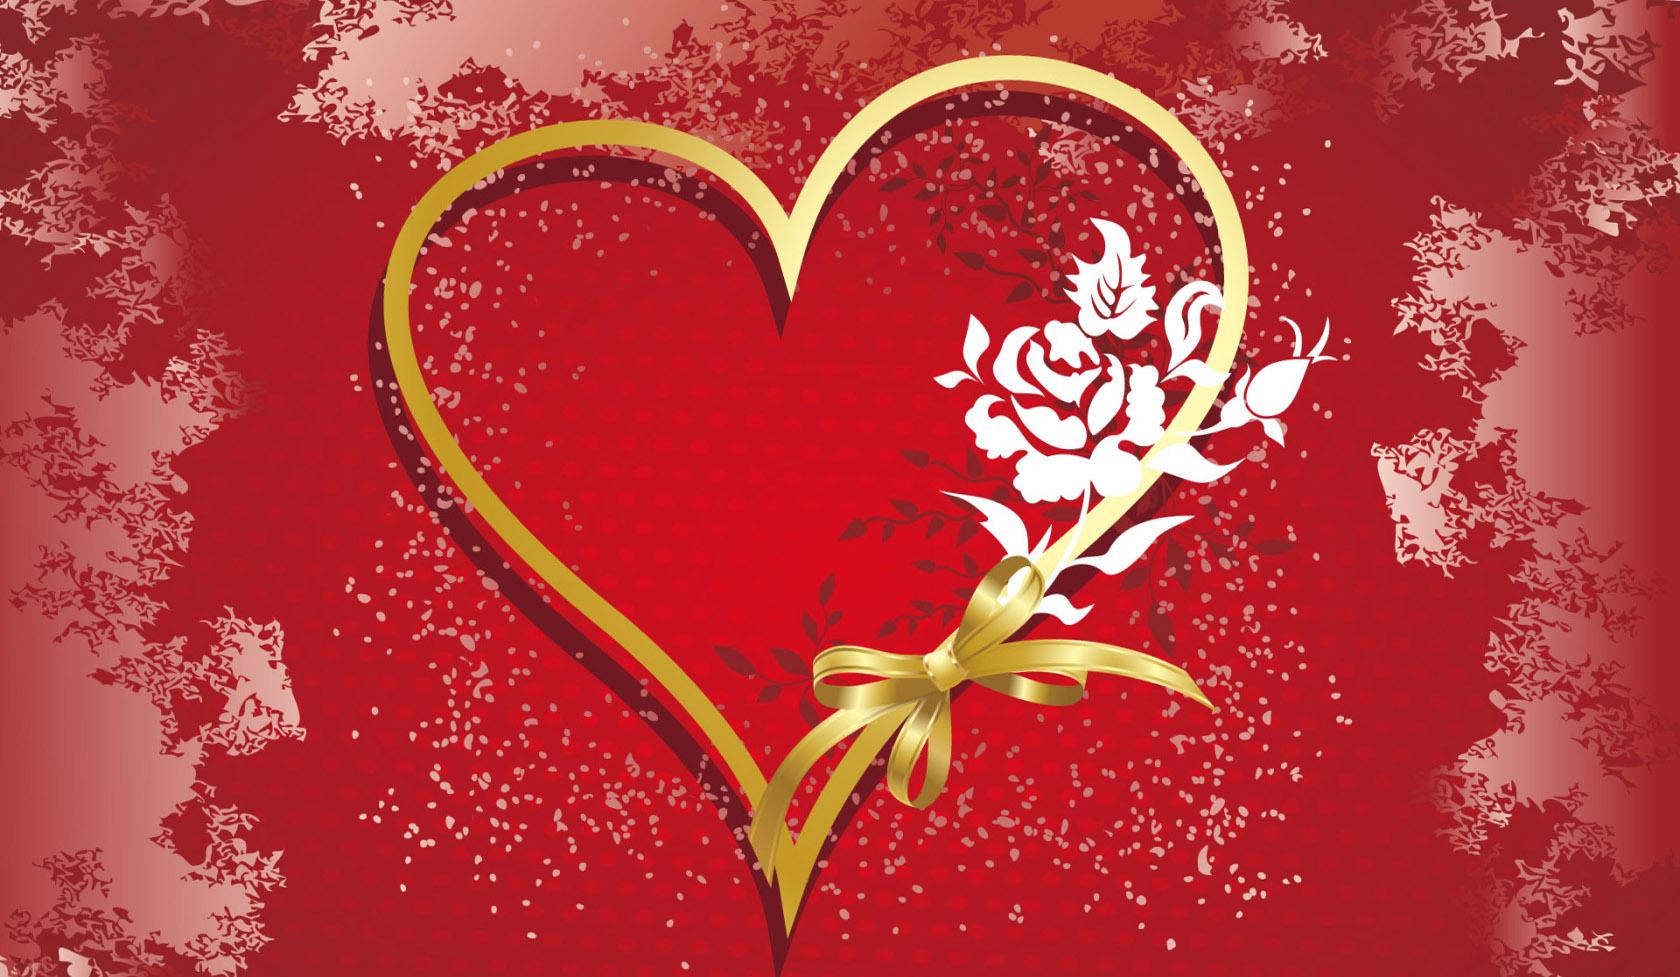 Sfondi Illustrazione Amore Cuore Disegno Grafico San Valentino